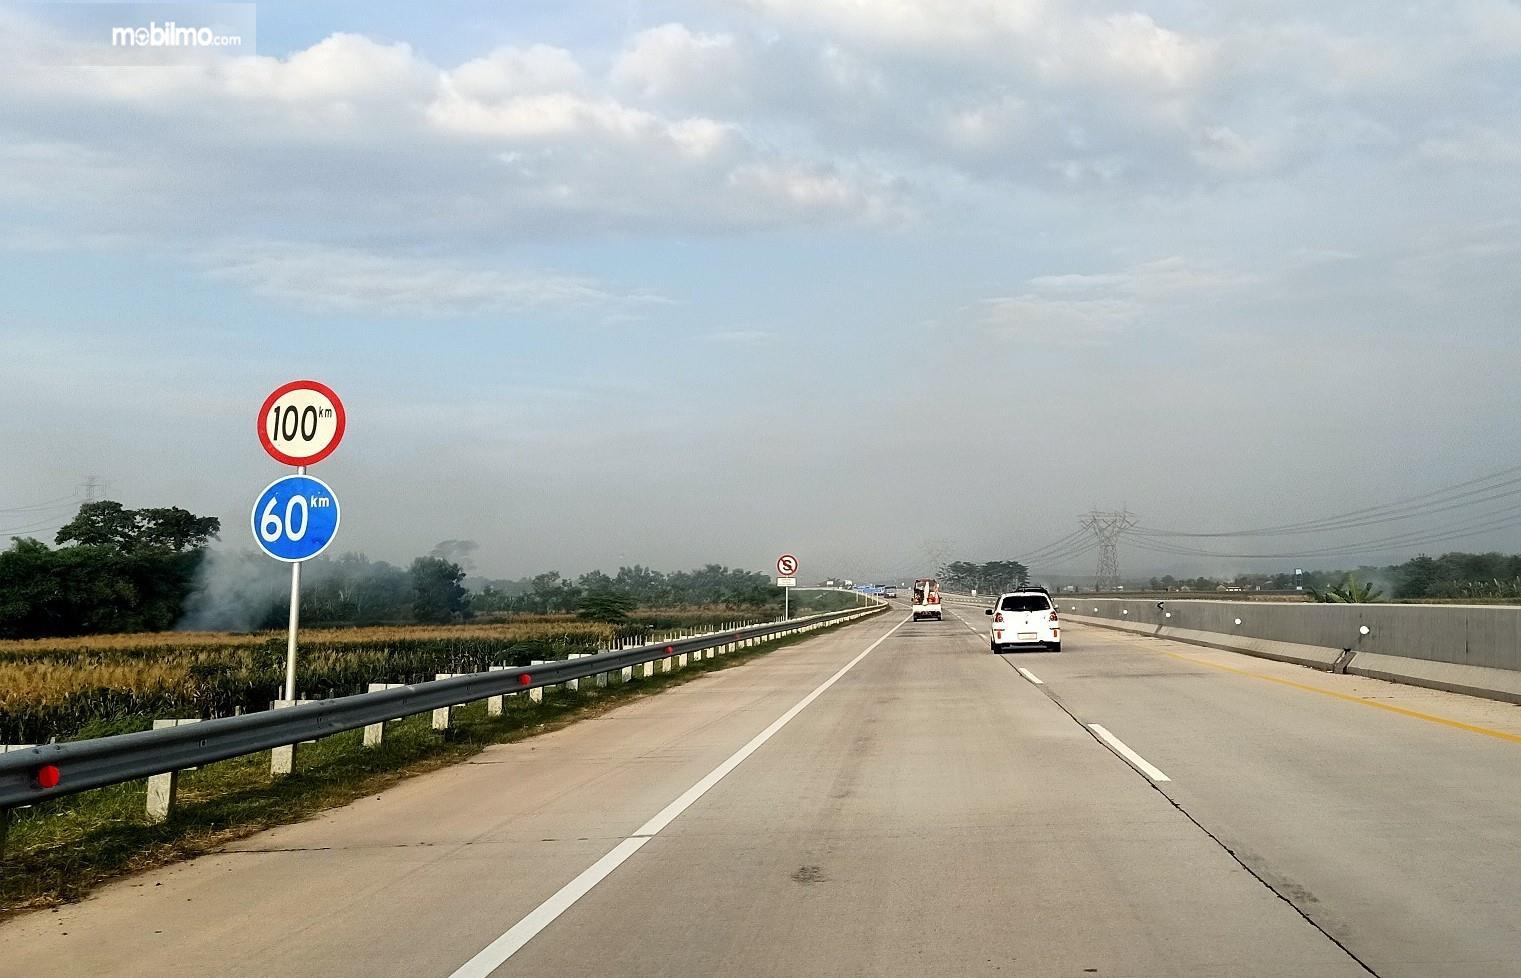 Foto jalan Tol Trans Jawa yang lengang lengkap dengan rambu-rambu batas kecepatan